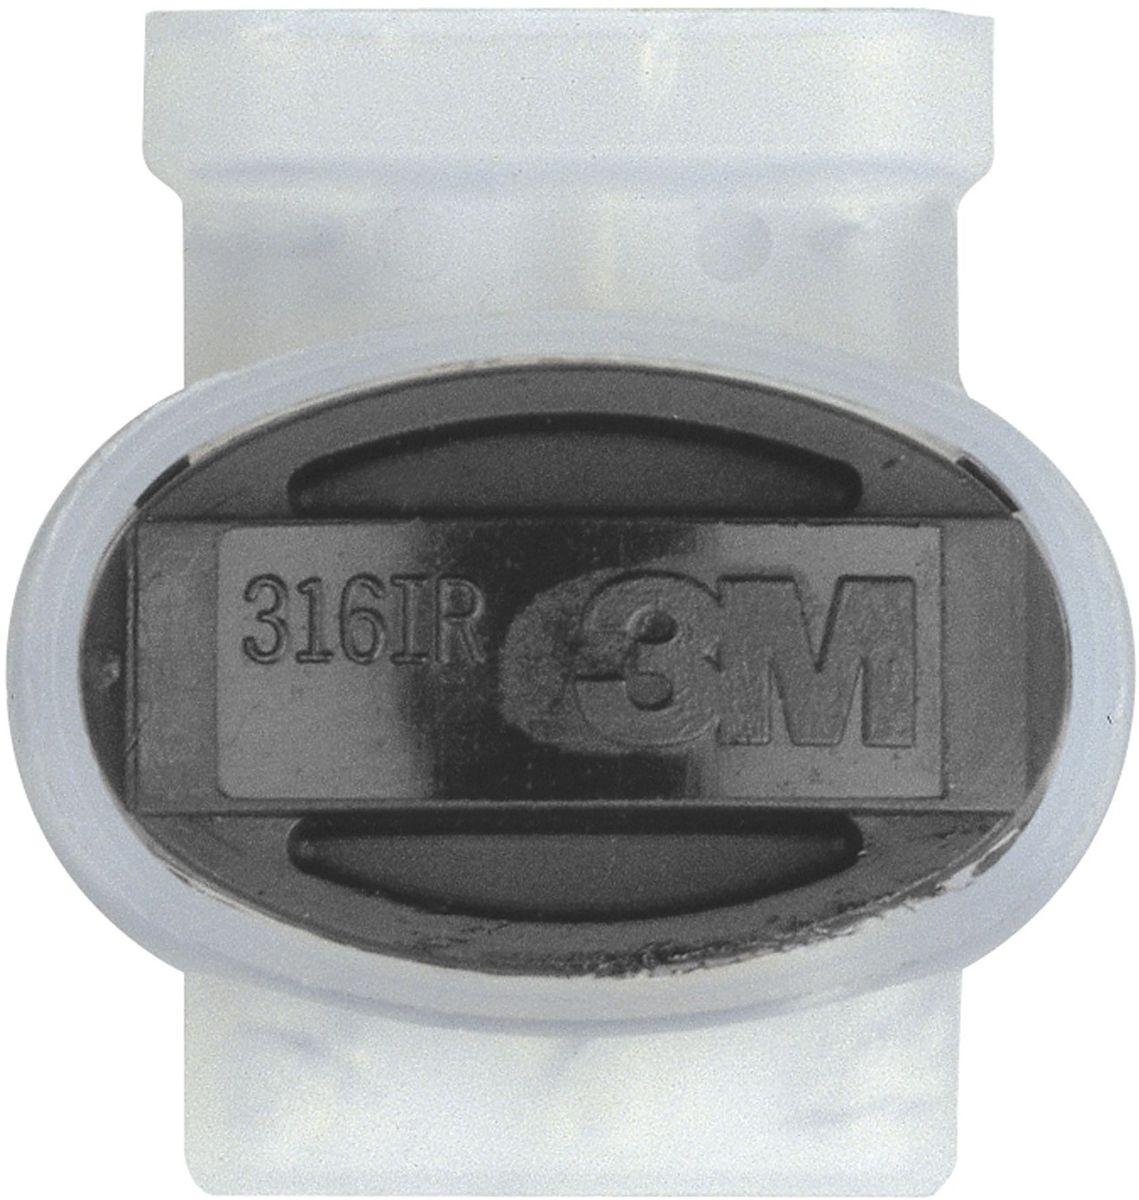 Концевая муфта для кабеля Gardena, 24 В. 01282-20.000.0001282-20.000.00Концевая муфта для кабеля 24 В GARDENA предназначена для герметичного присоединения соединительного кабеля 24 В GARDENA (арт. 1280-20) к клапанам для полива 24 В (арт. 1278-20) при использовании коробки для клапана для полива V1 (арт. 1254-20). Соединение осуществляется простым нажатием кнопки. В одну упаковку входят шесть муфт. Максимальное напряжение 30 В, максимальный диаметр кабеля 3,9 мм. Концевая муфта GARDENA 24 В подходит для любого кабеля, площадь поперечного сечения которого лежит в диапазоне 0,33-1,5 мм2.